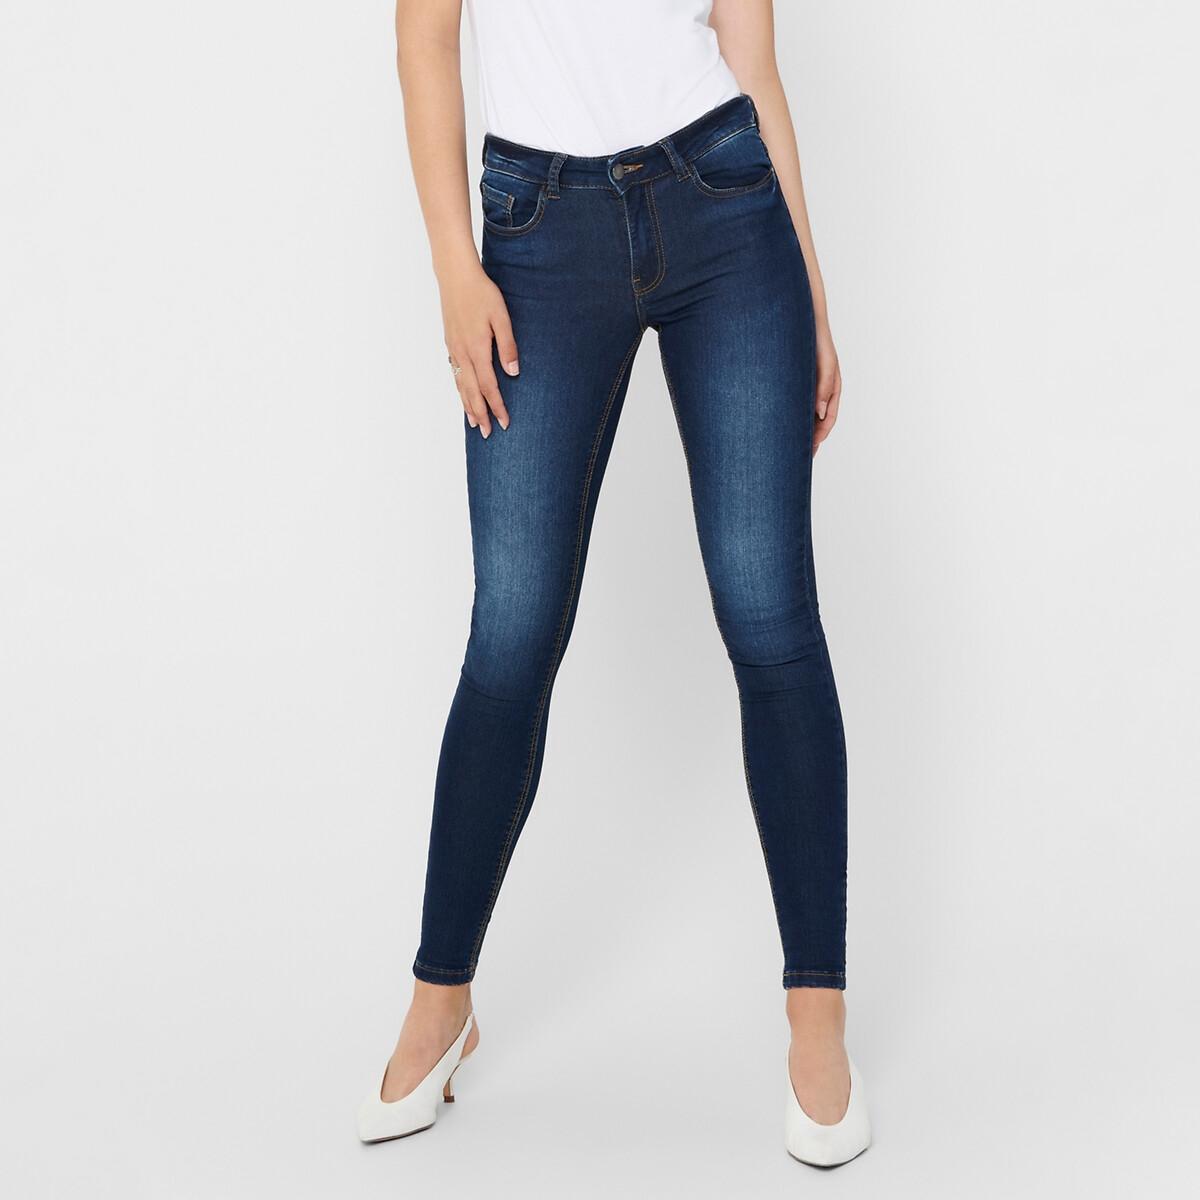 Фото - Джинсы LaRedoute Скинни длина 30 L синий джинсы laredoute скинни длина 30 s черный